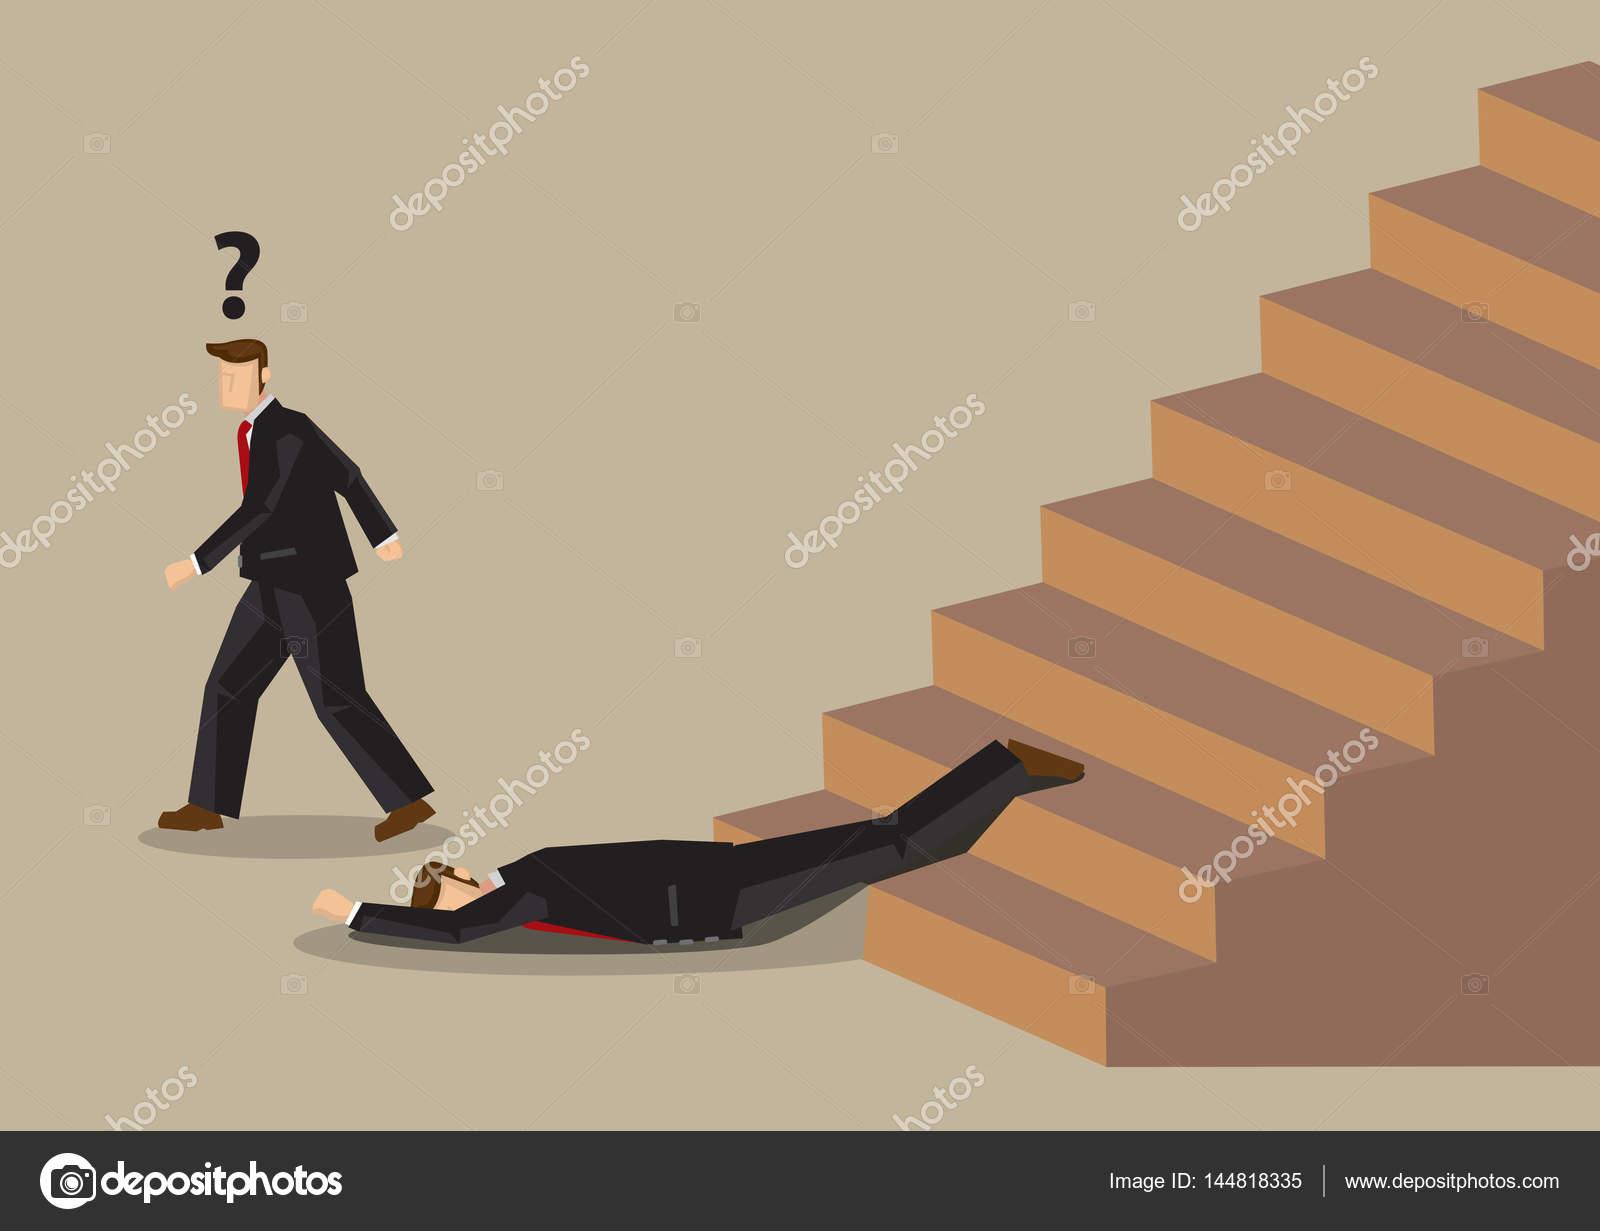 Ca da de escaleras accidente de oficina trabajo de dibujos - Trabajo piso pareja opiniones ...